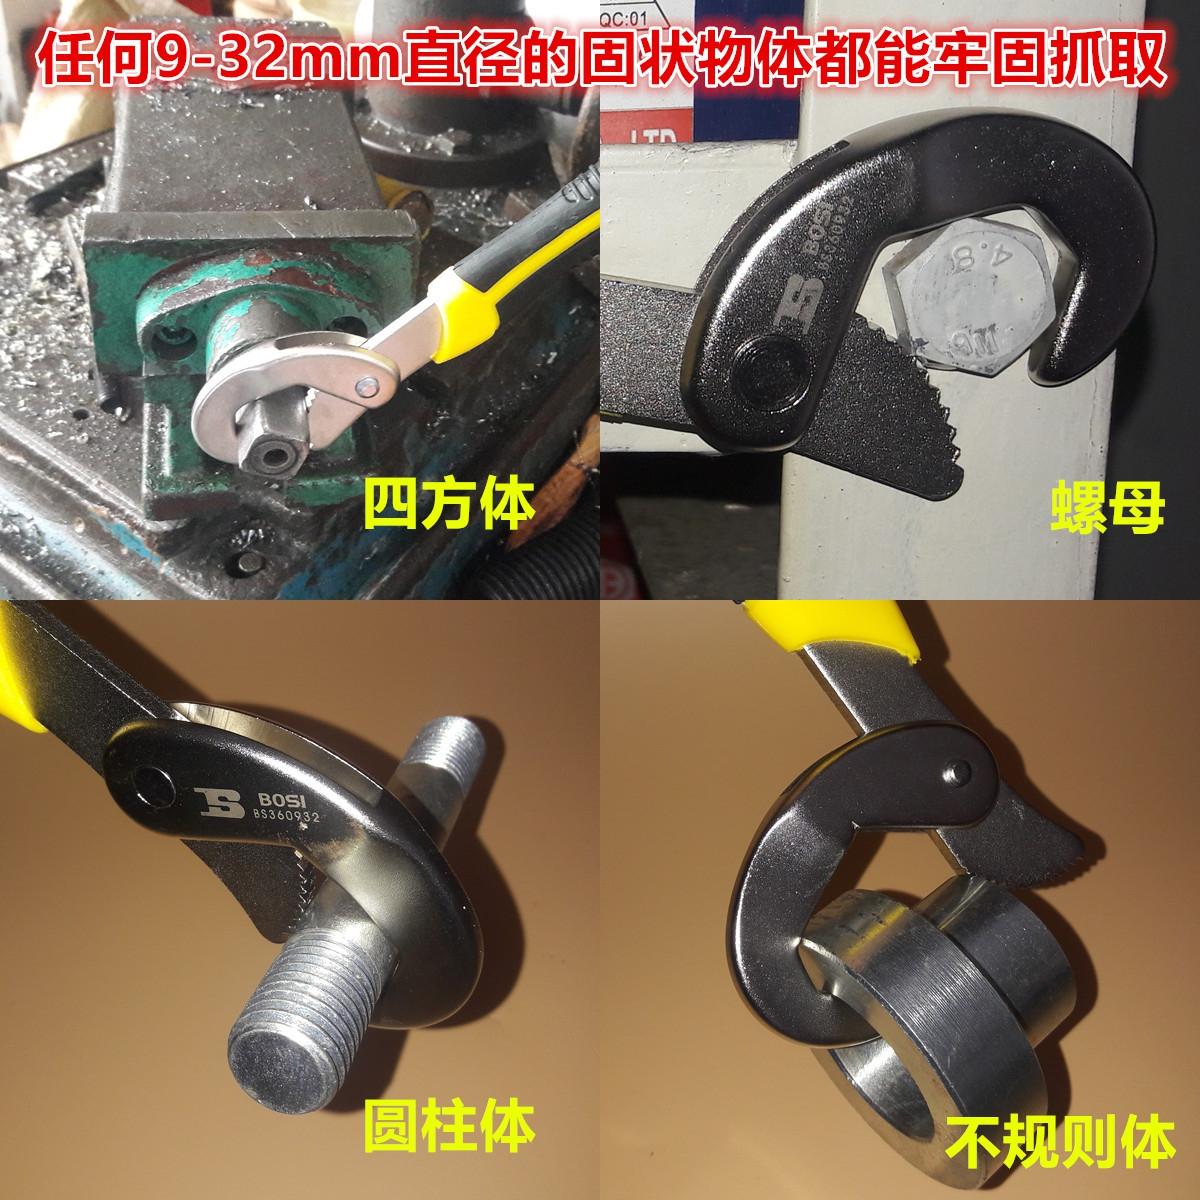 波斯万能扳手工具多功能万用活动活口板手快速开口管钳板子套装